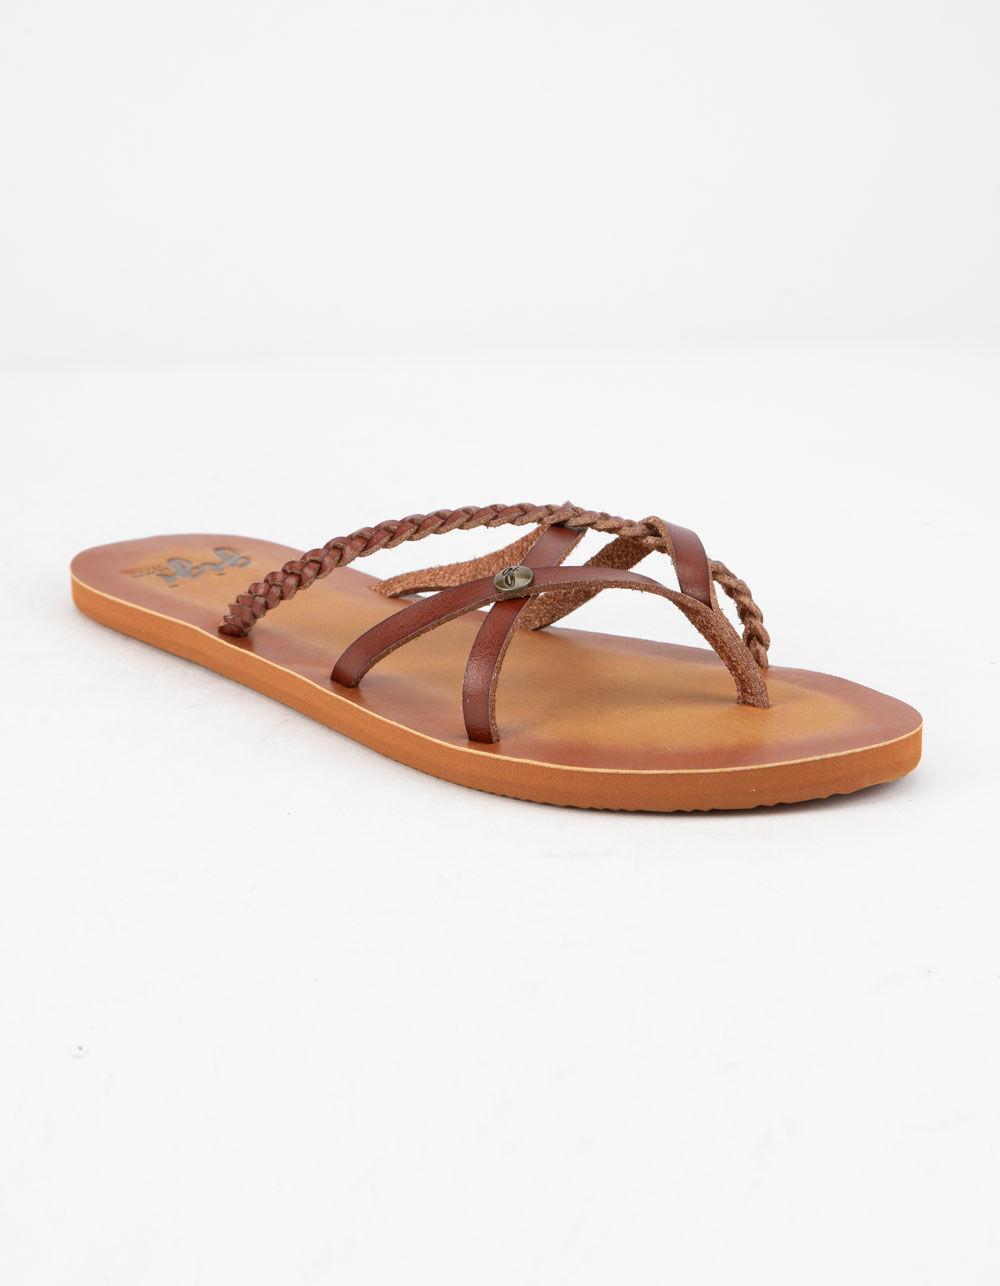 GIGI Criss Cross Cognac Sandals